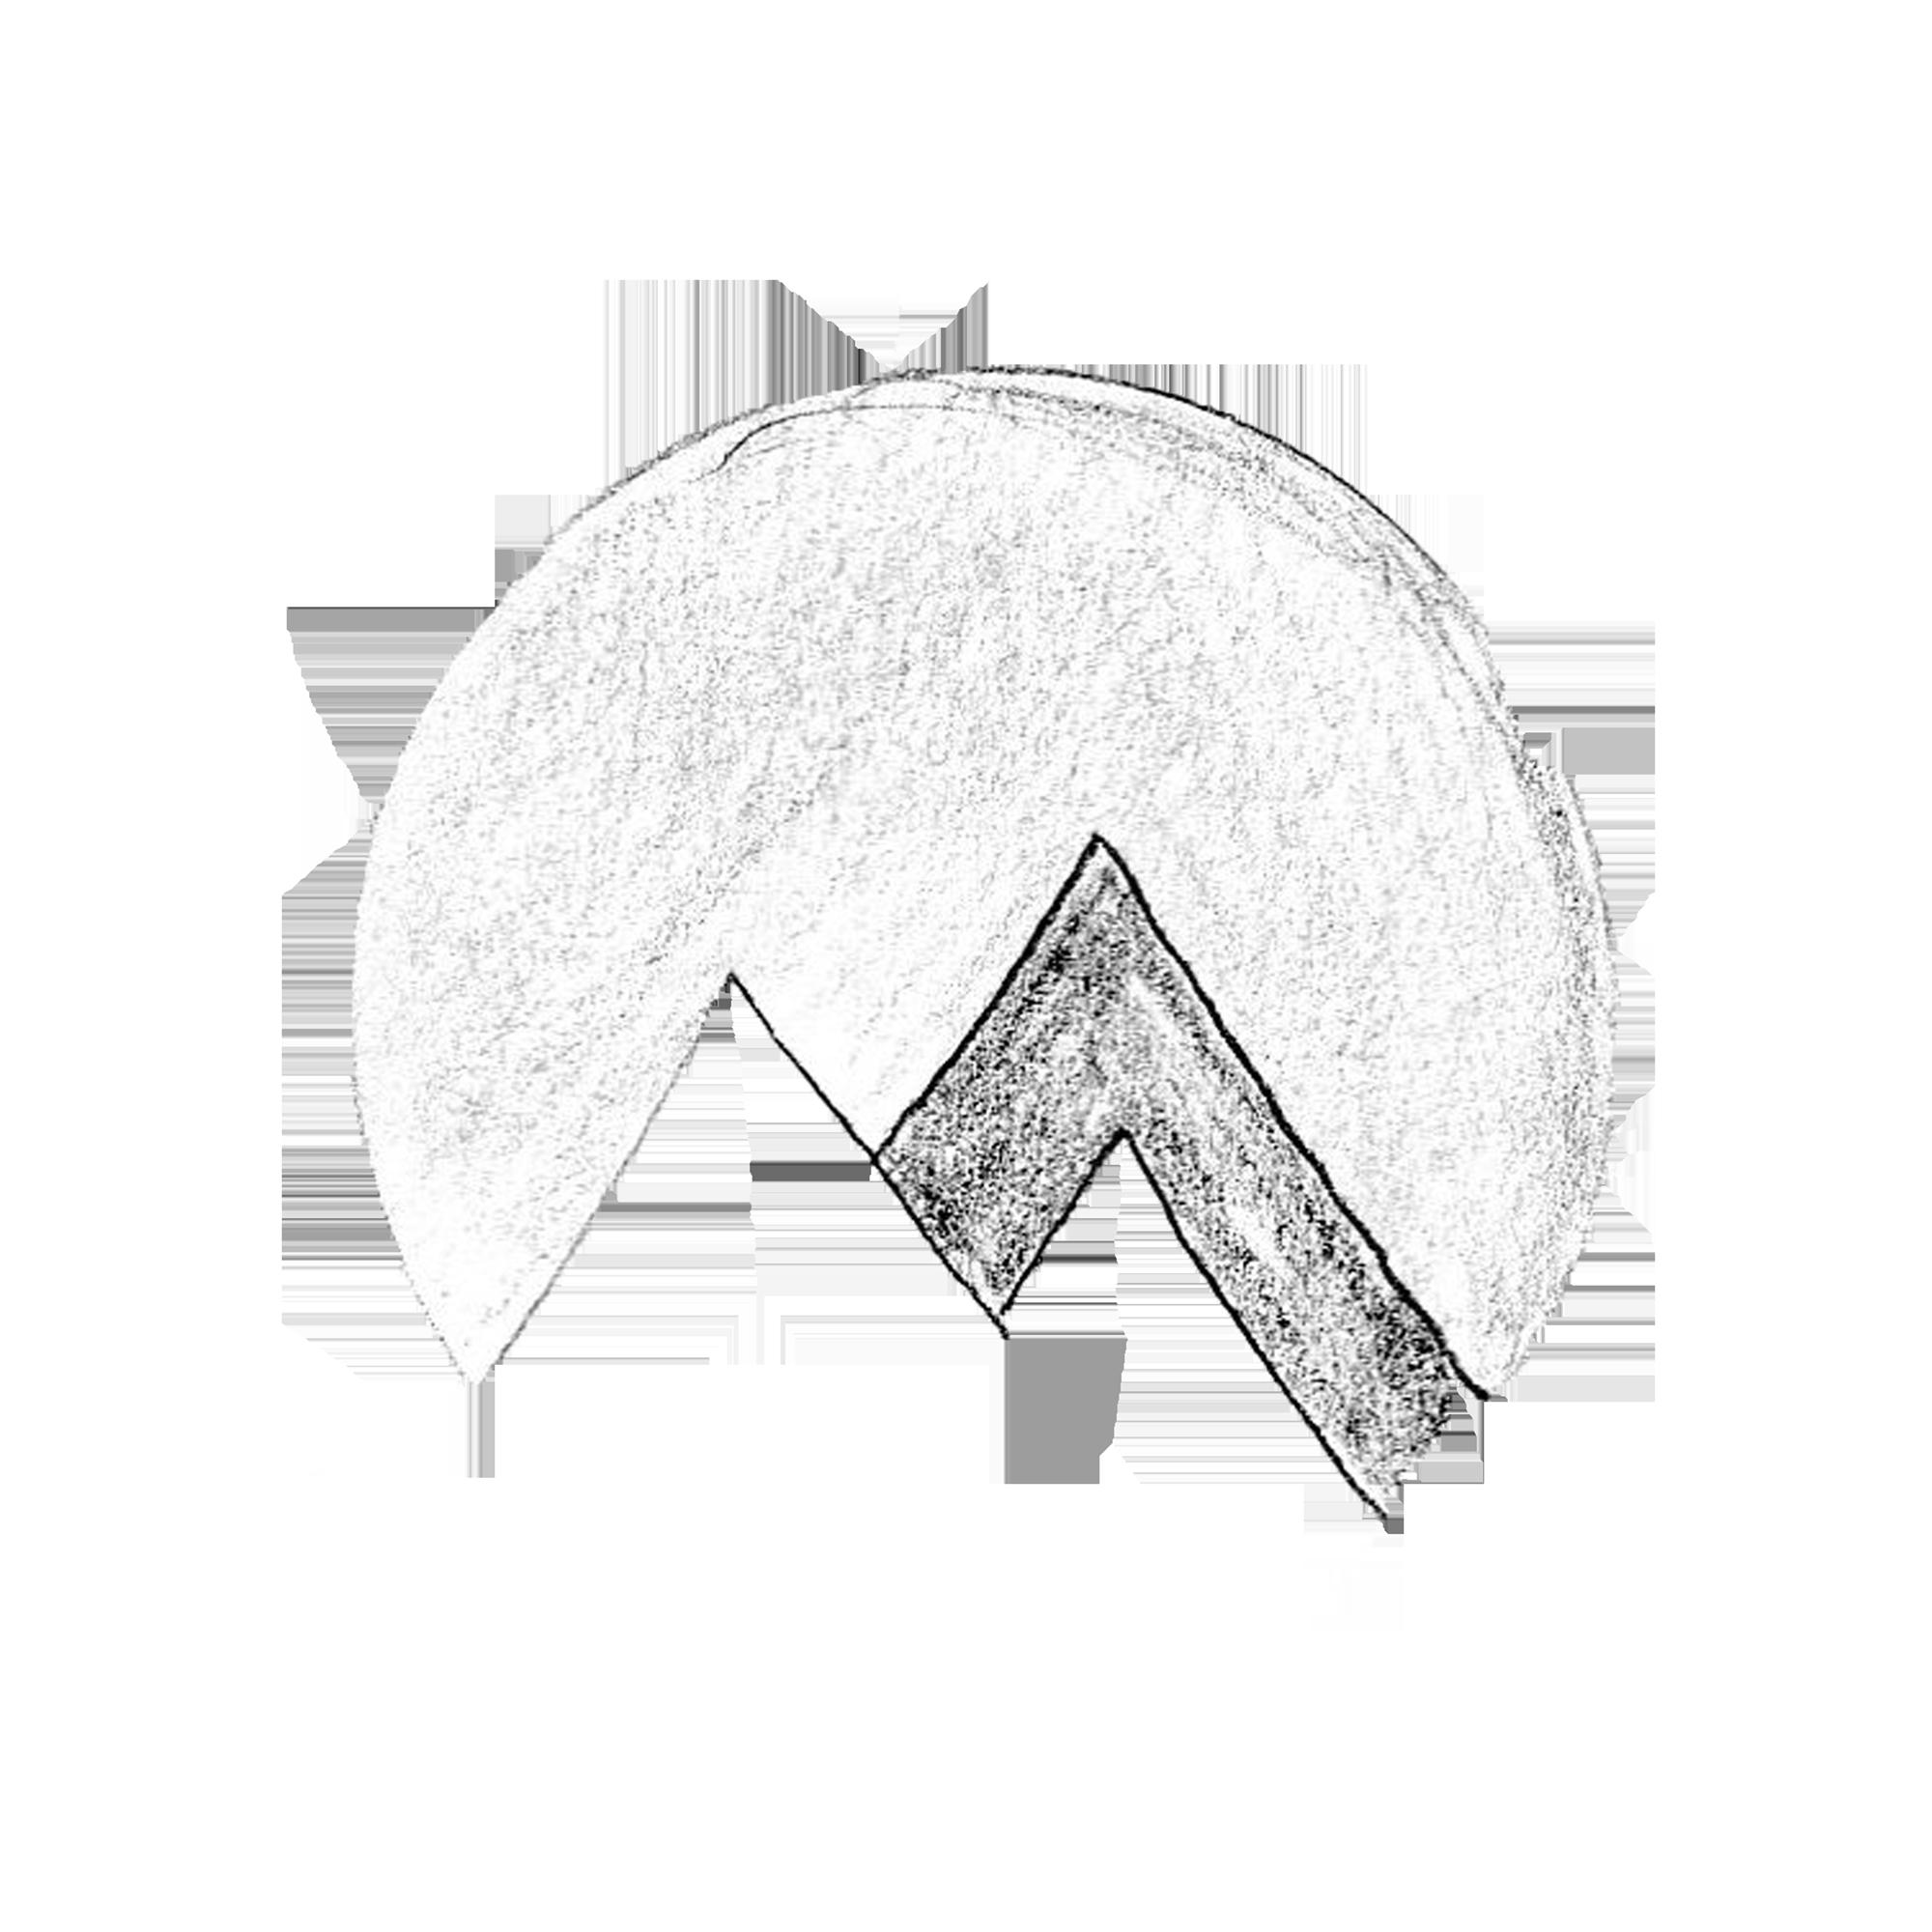 d-00.02-portfolio-alporium-brand-sketches-4